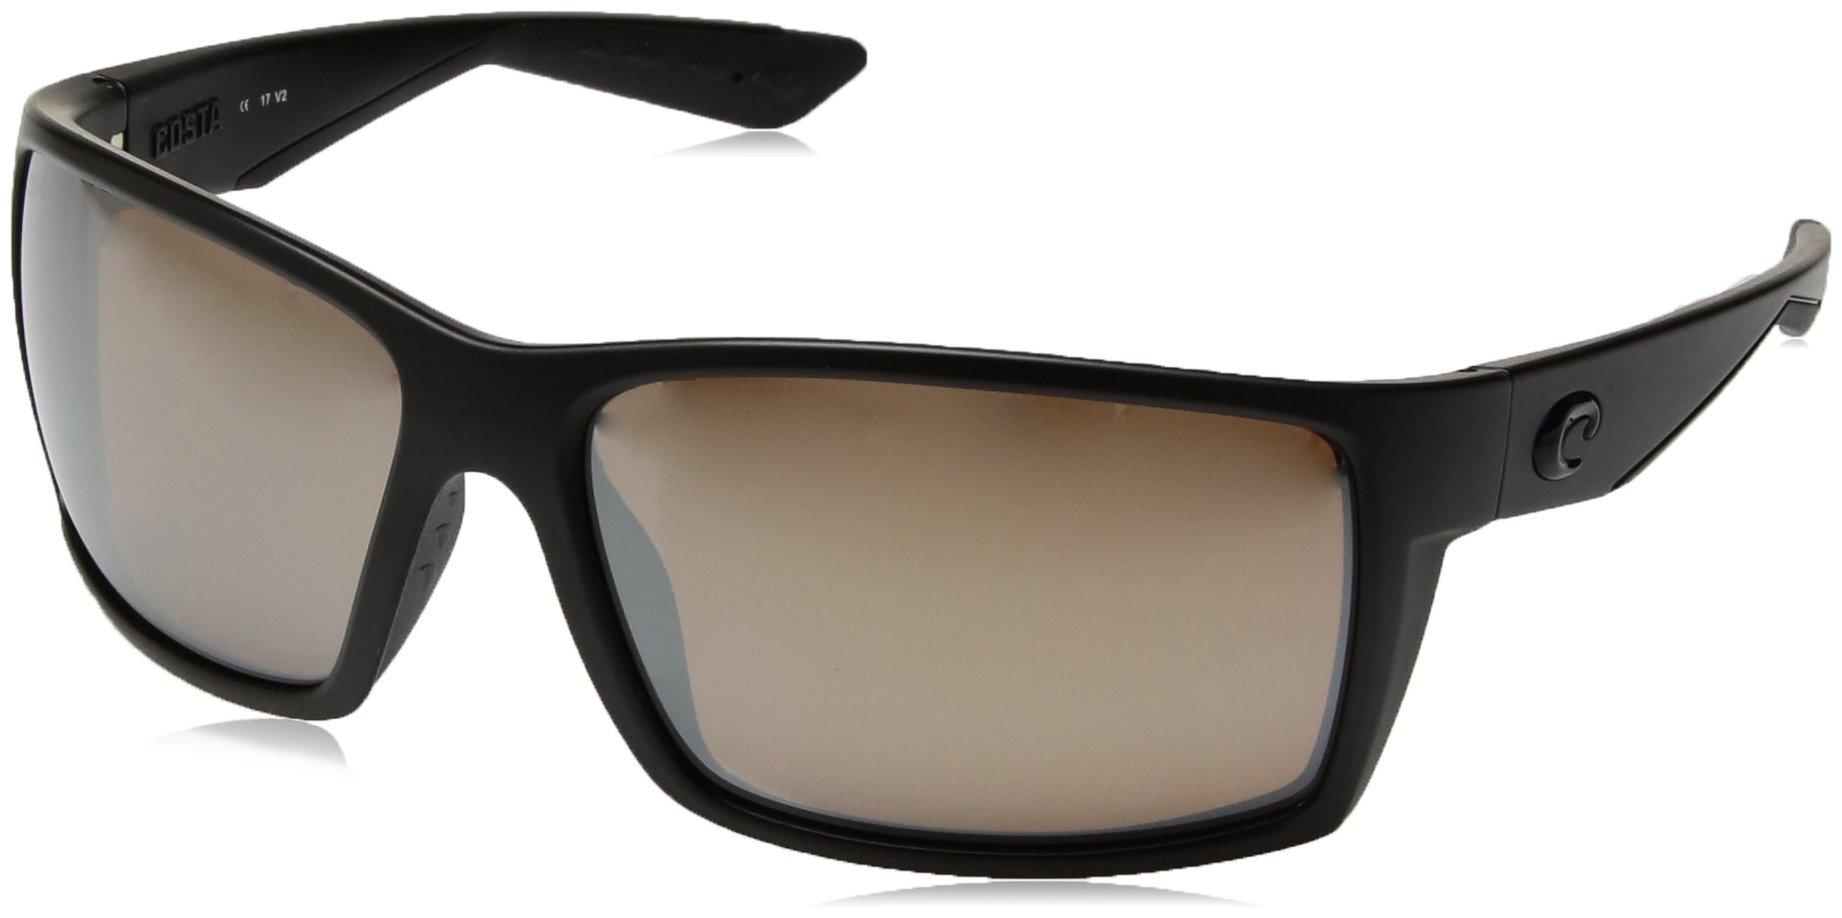 Costa Del Mar Reefton Sunglasses Blackout/Copper Silver Mirror 580Glass by Costa Del Mar